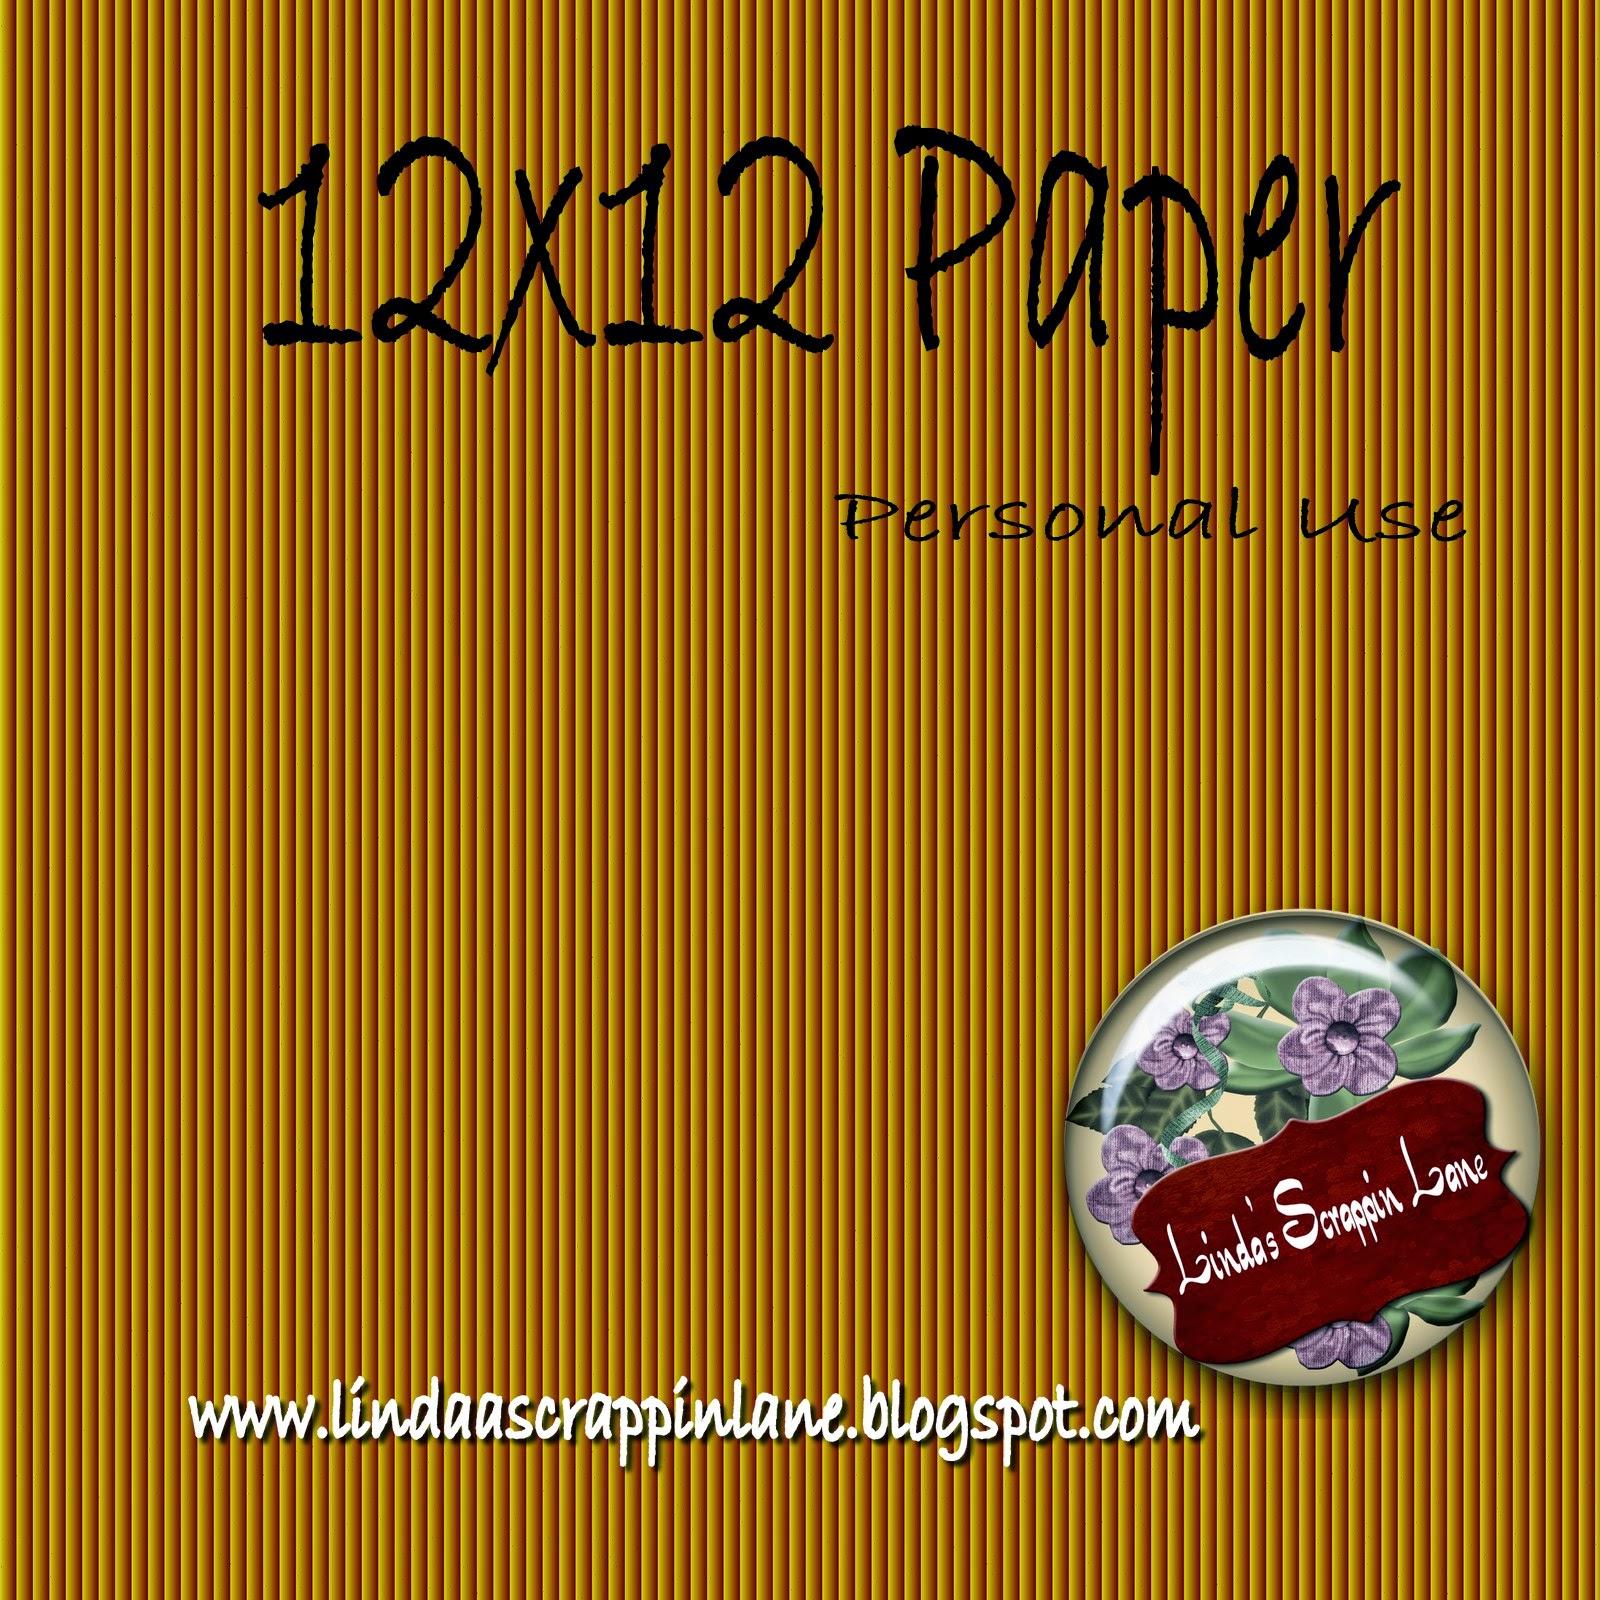 http://3.bp.blogspot.com/-w2KRhix1WCw/VFRXvQnFKfI/AAAAAAAAAk0/JUYxnhX8gEg/s1600/LSL%2BPaper%2BOct%2B31%2BPreview.jpg